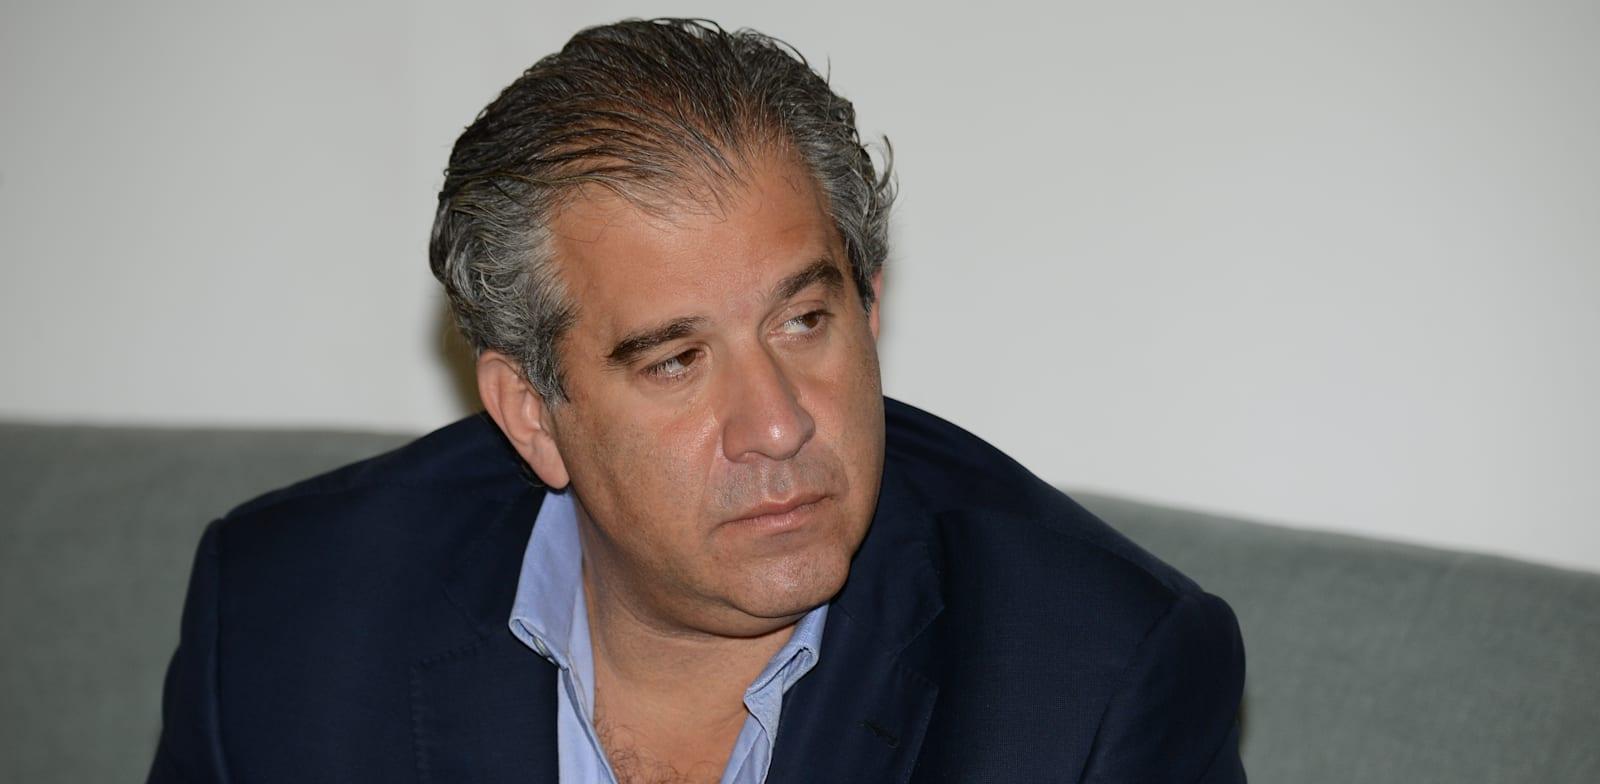 ואסי שמלצר, יו''ר קבוצת שלמה / צילום: איל יצהר